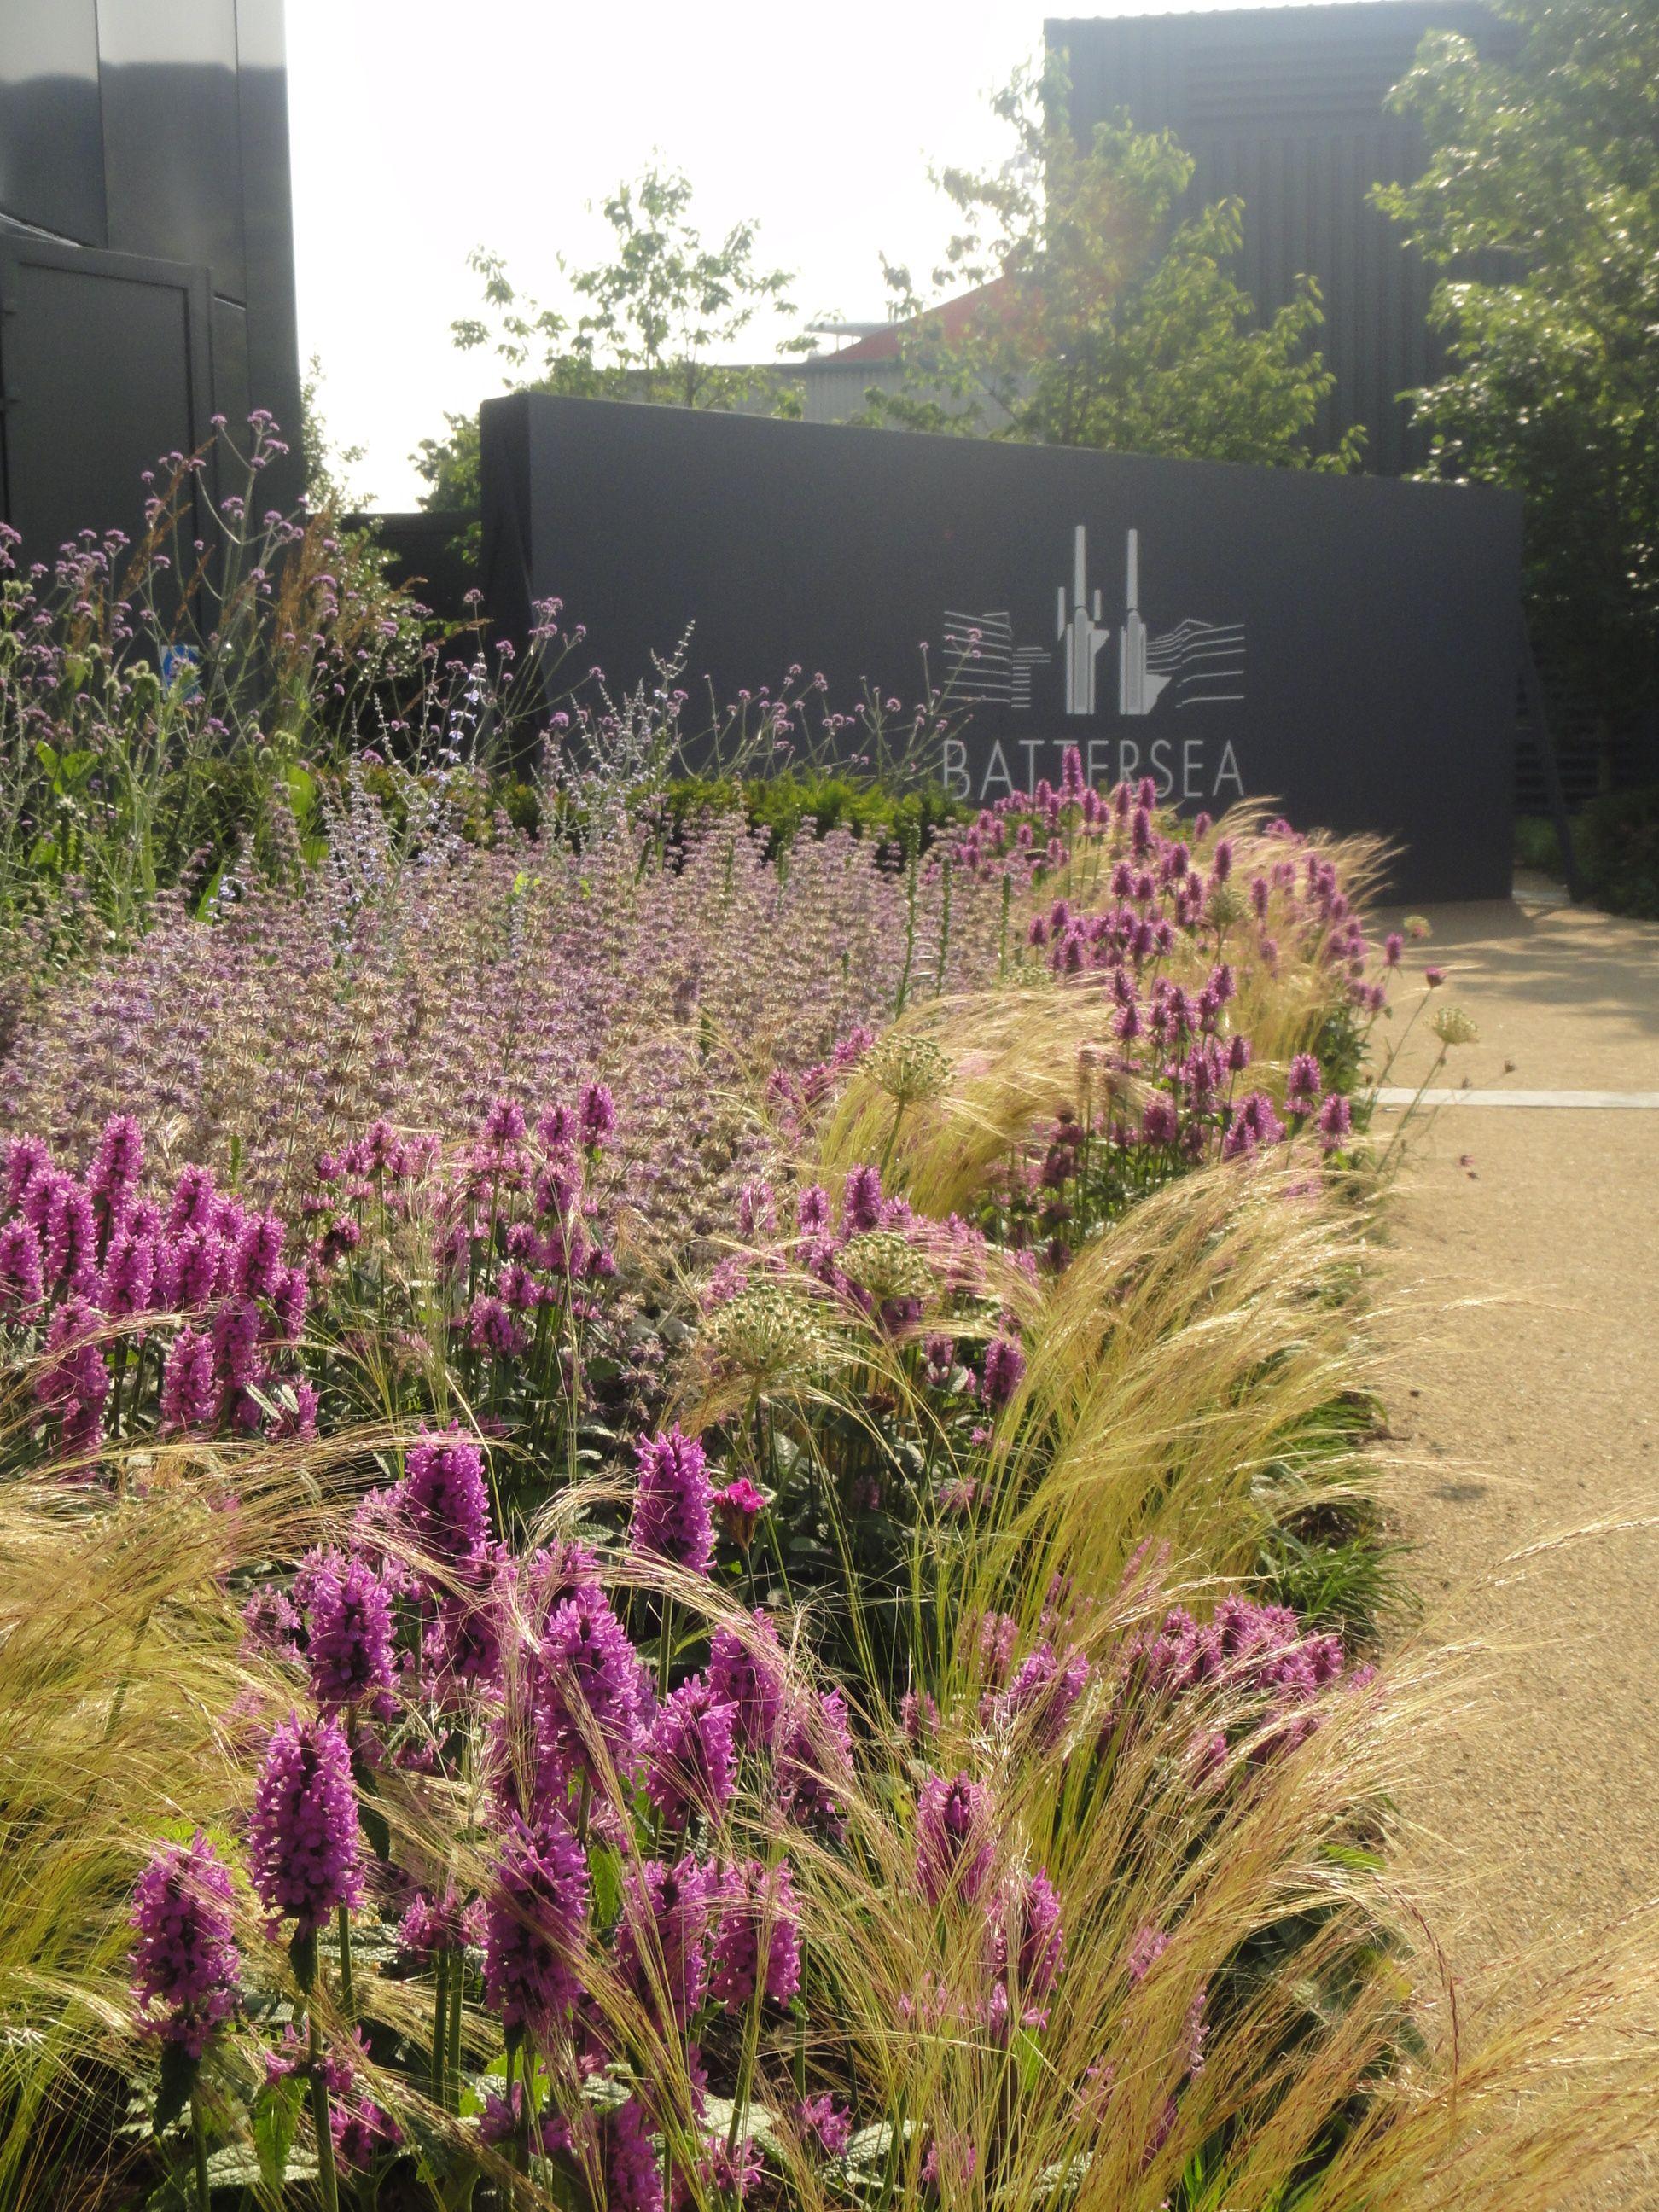 Pin By Nick Mccullough Apld On Gardens Garden Design Landscape Design Garden Landscape Design